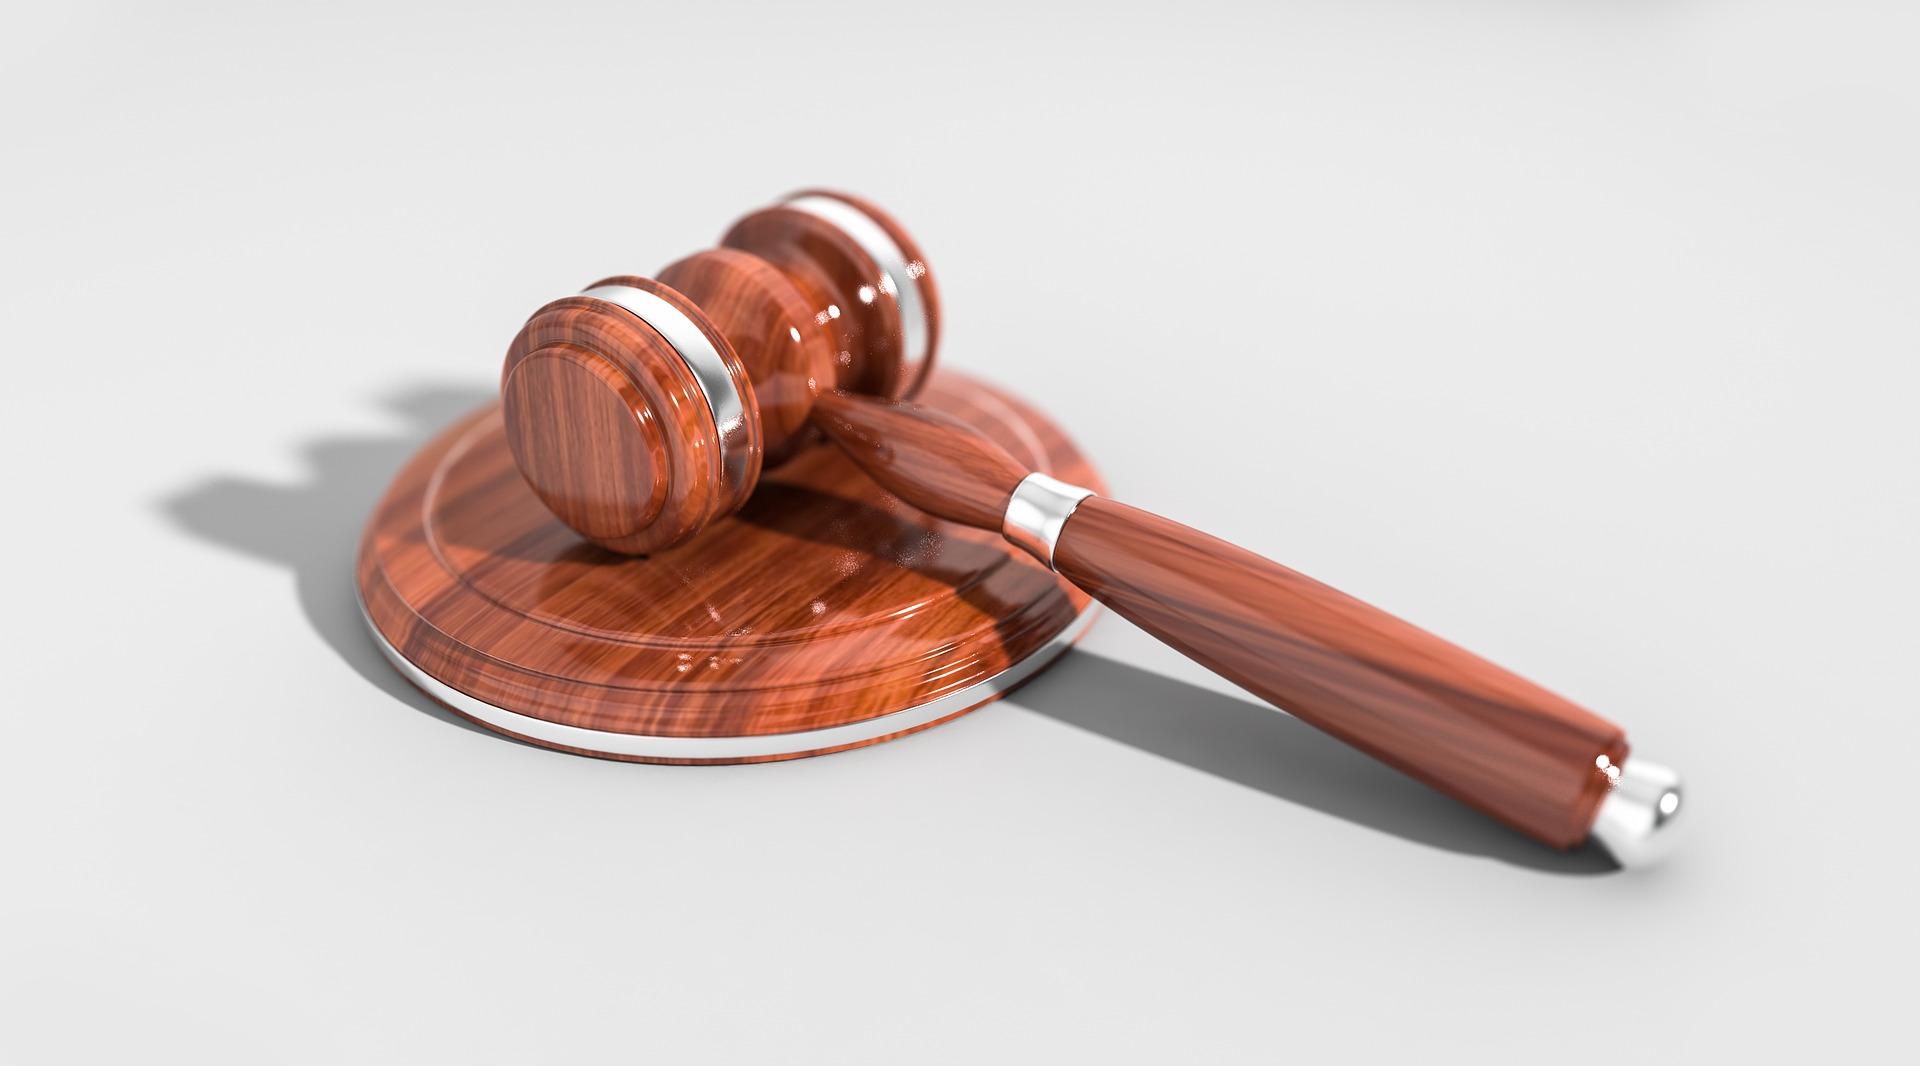 Uchwała Sądu Najwyższego w sprawie zadośćuczynień - czy jest powód do paniki? - Biuro Prasowe porównywarki OC/AC mfind.pl